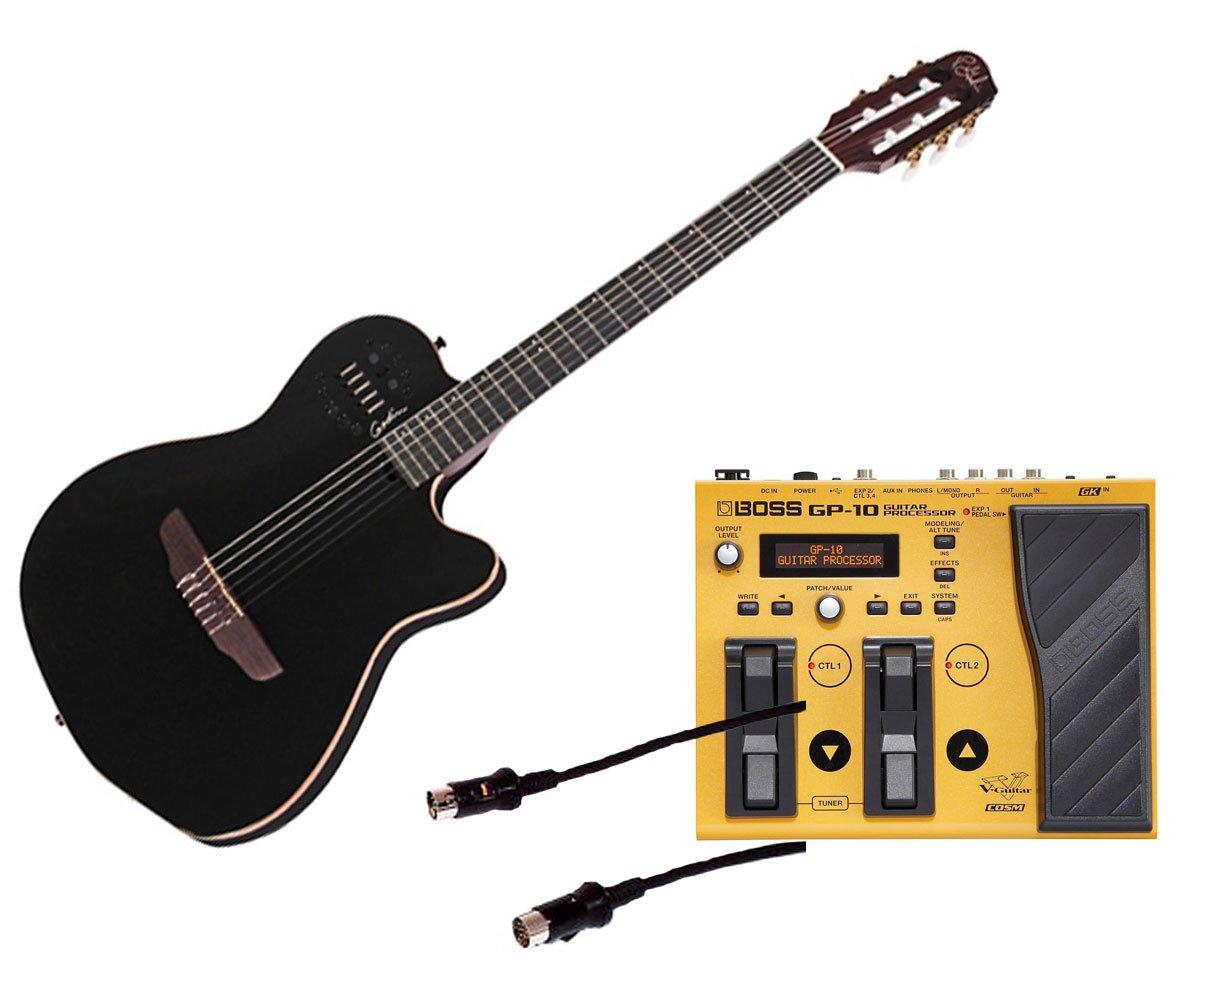 Godin guitarras ACS Slim nailon sintetizador access 2-voice estrecho Midi y pedal de efectos): Amazon.es: Instrumentos musicales